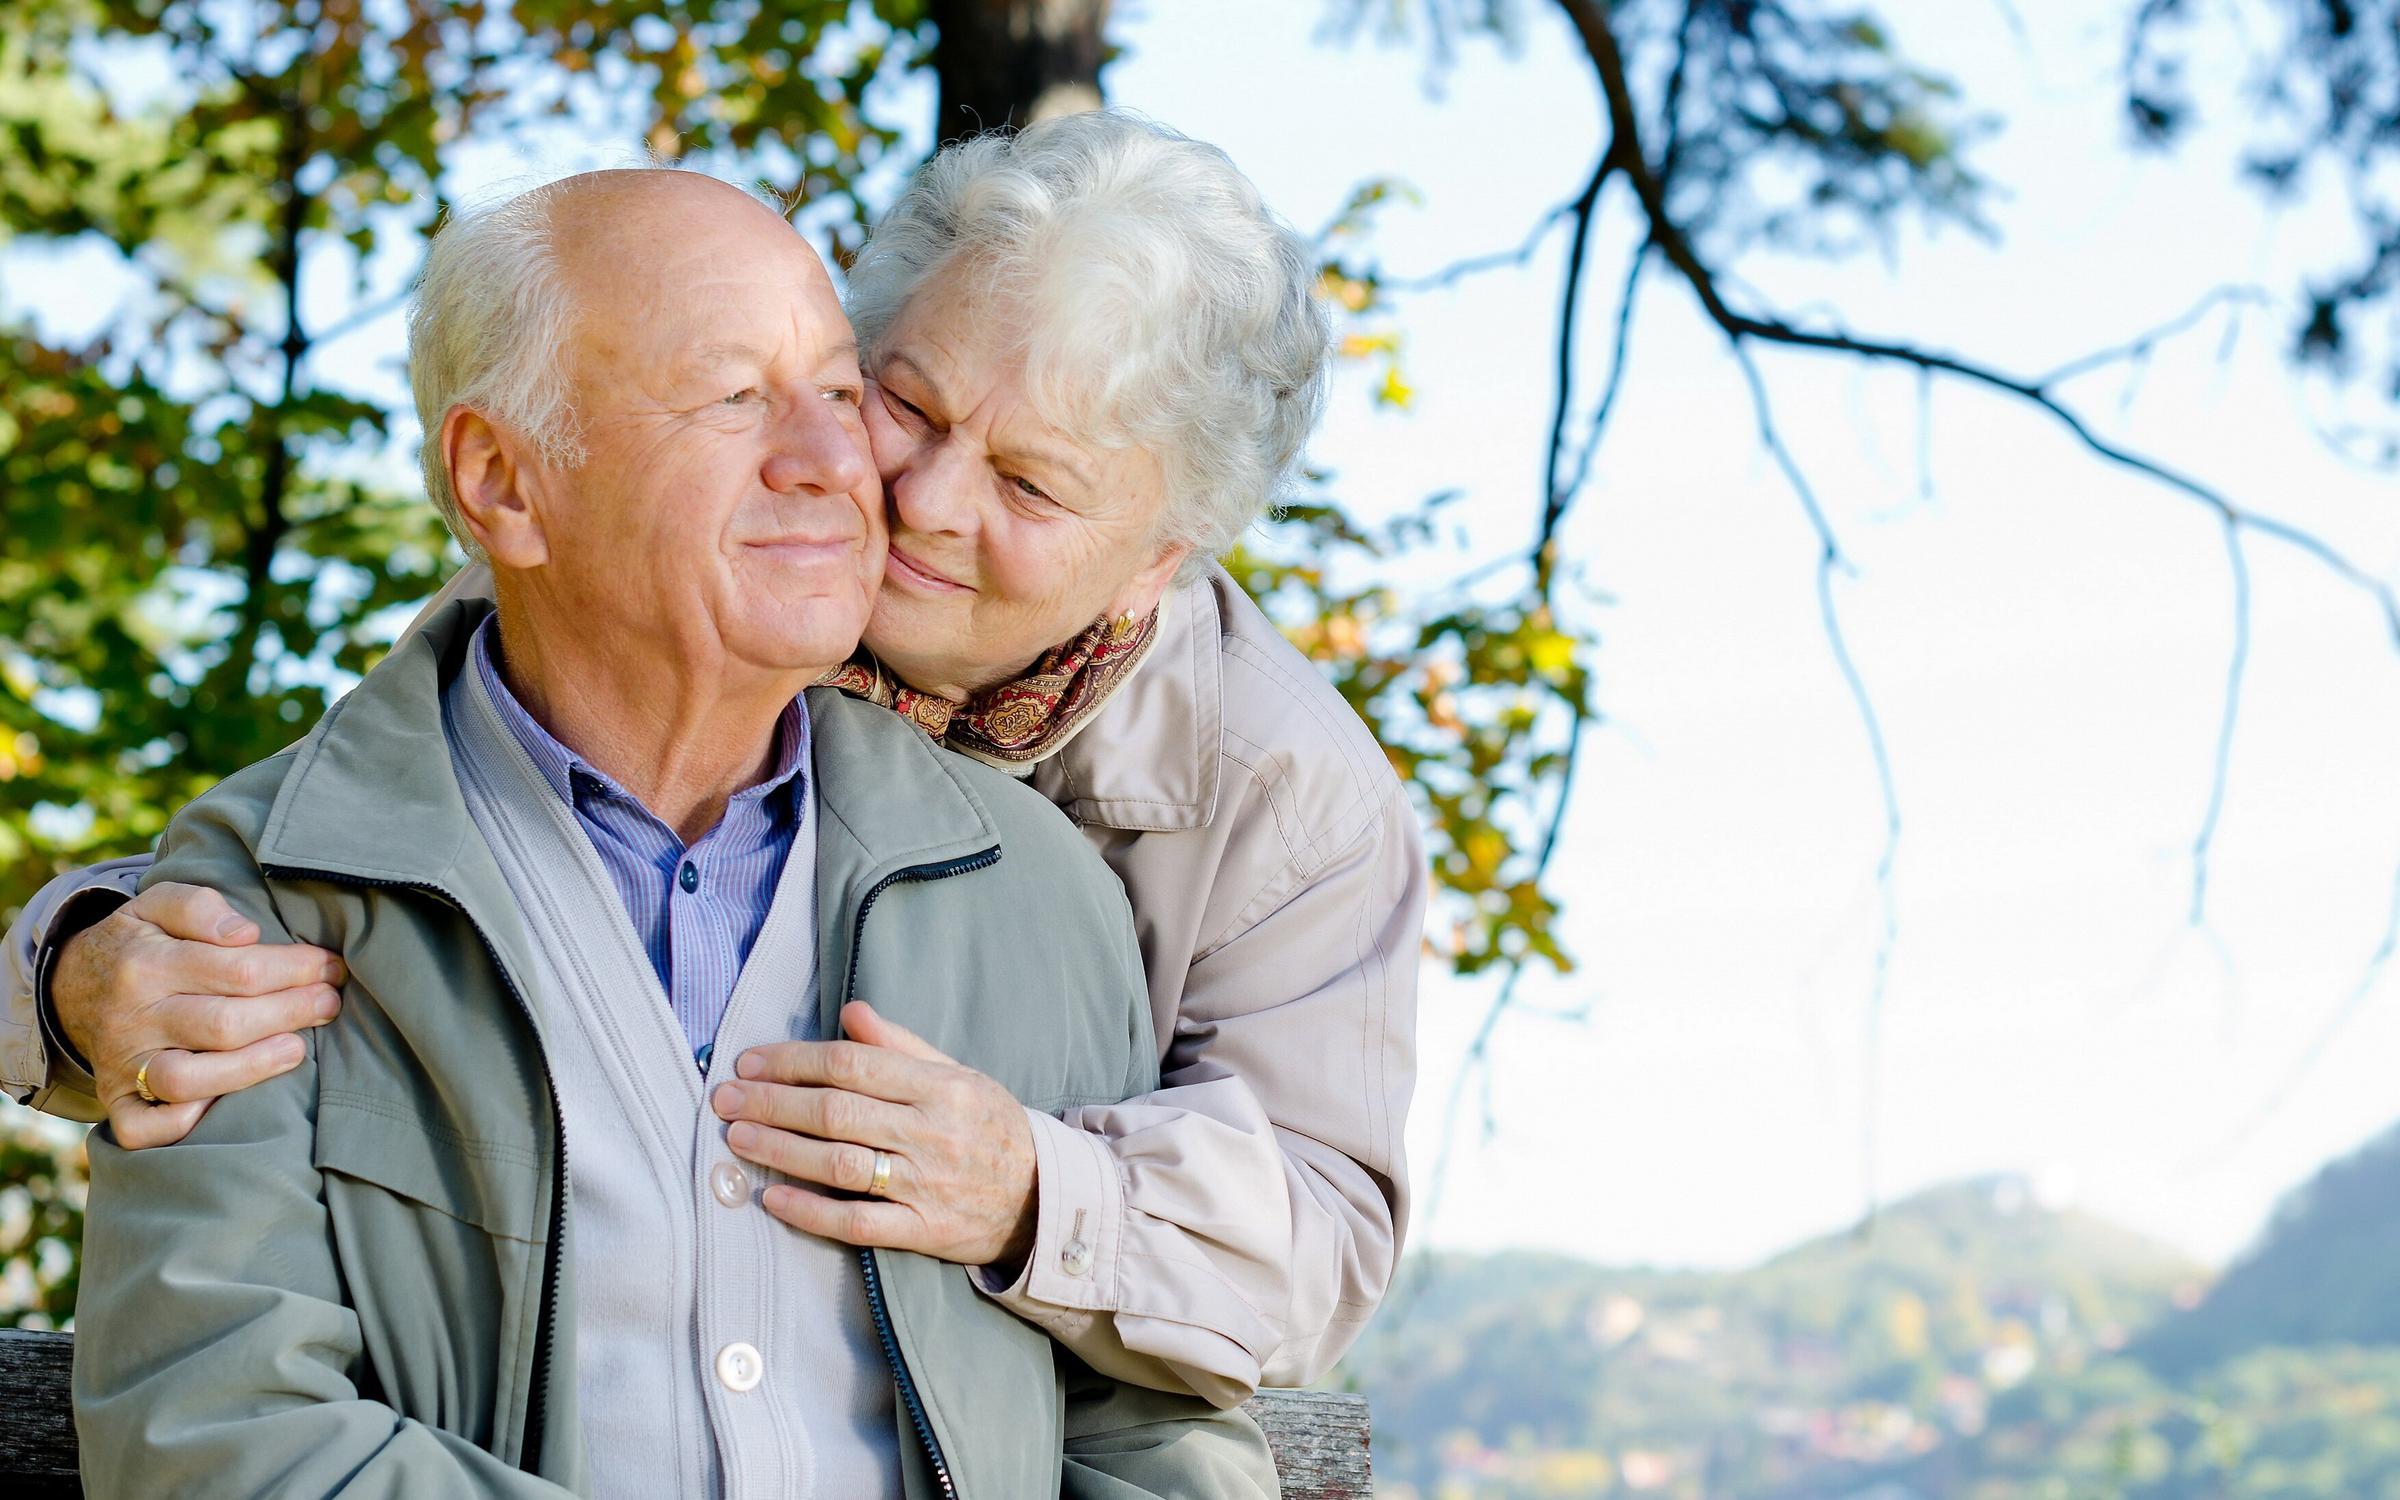 С 1 января 2021 года страховые пенсии неработающих пенсионеров будут проиндексированы на 6,3 %